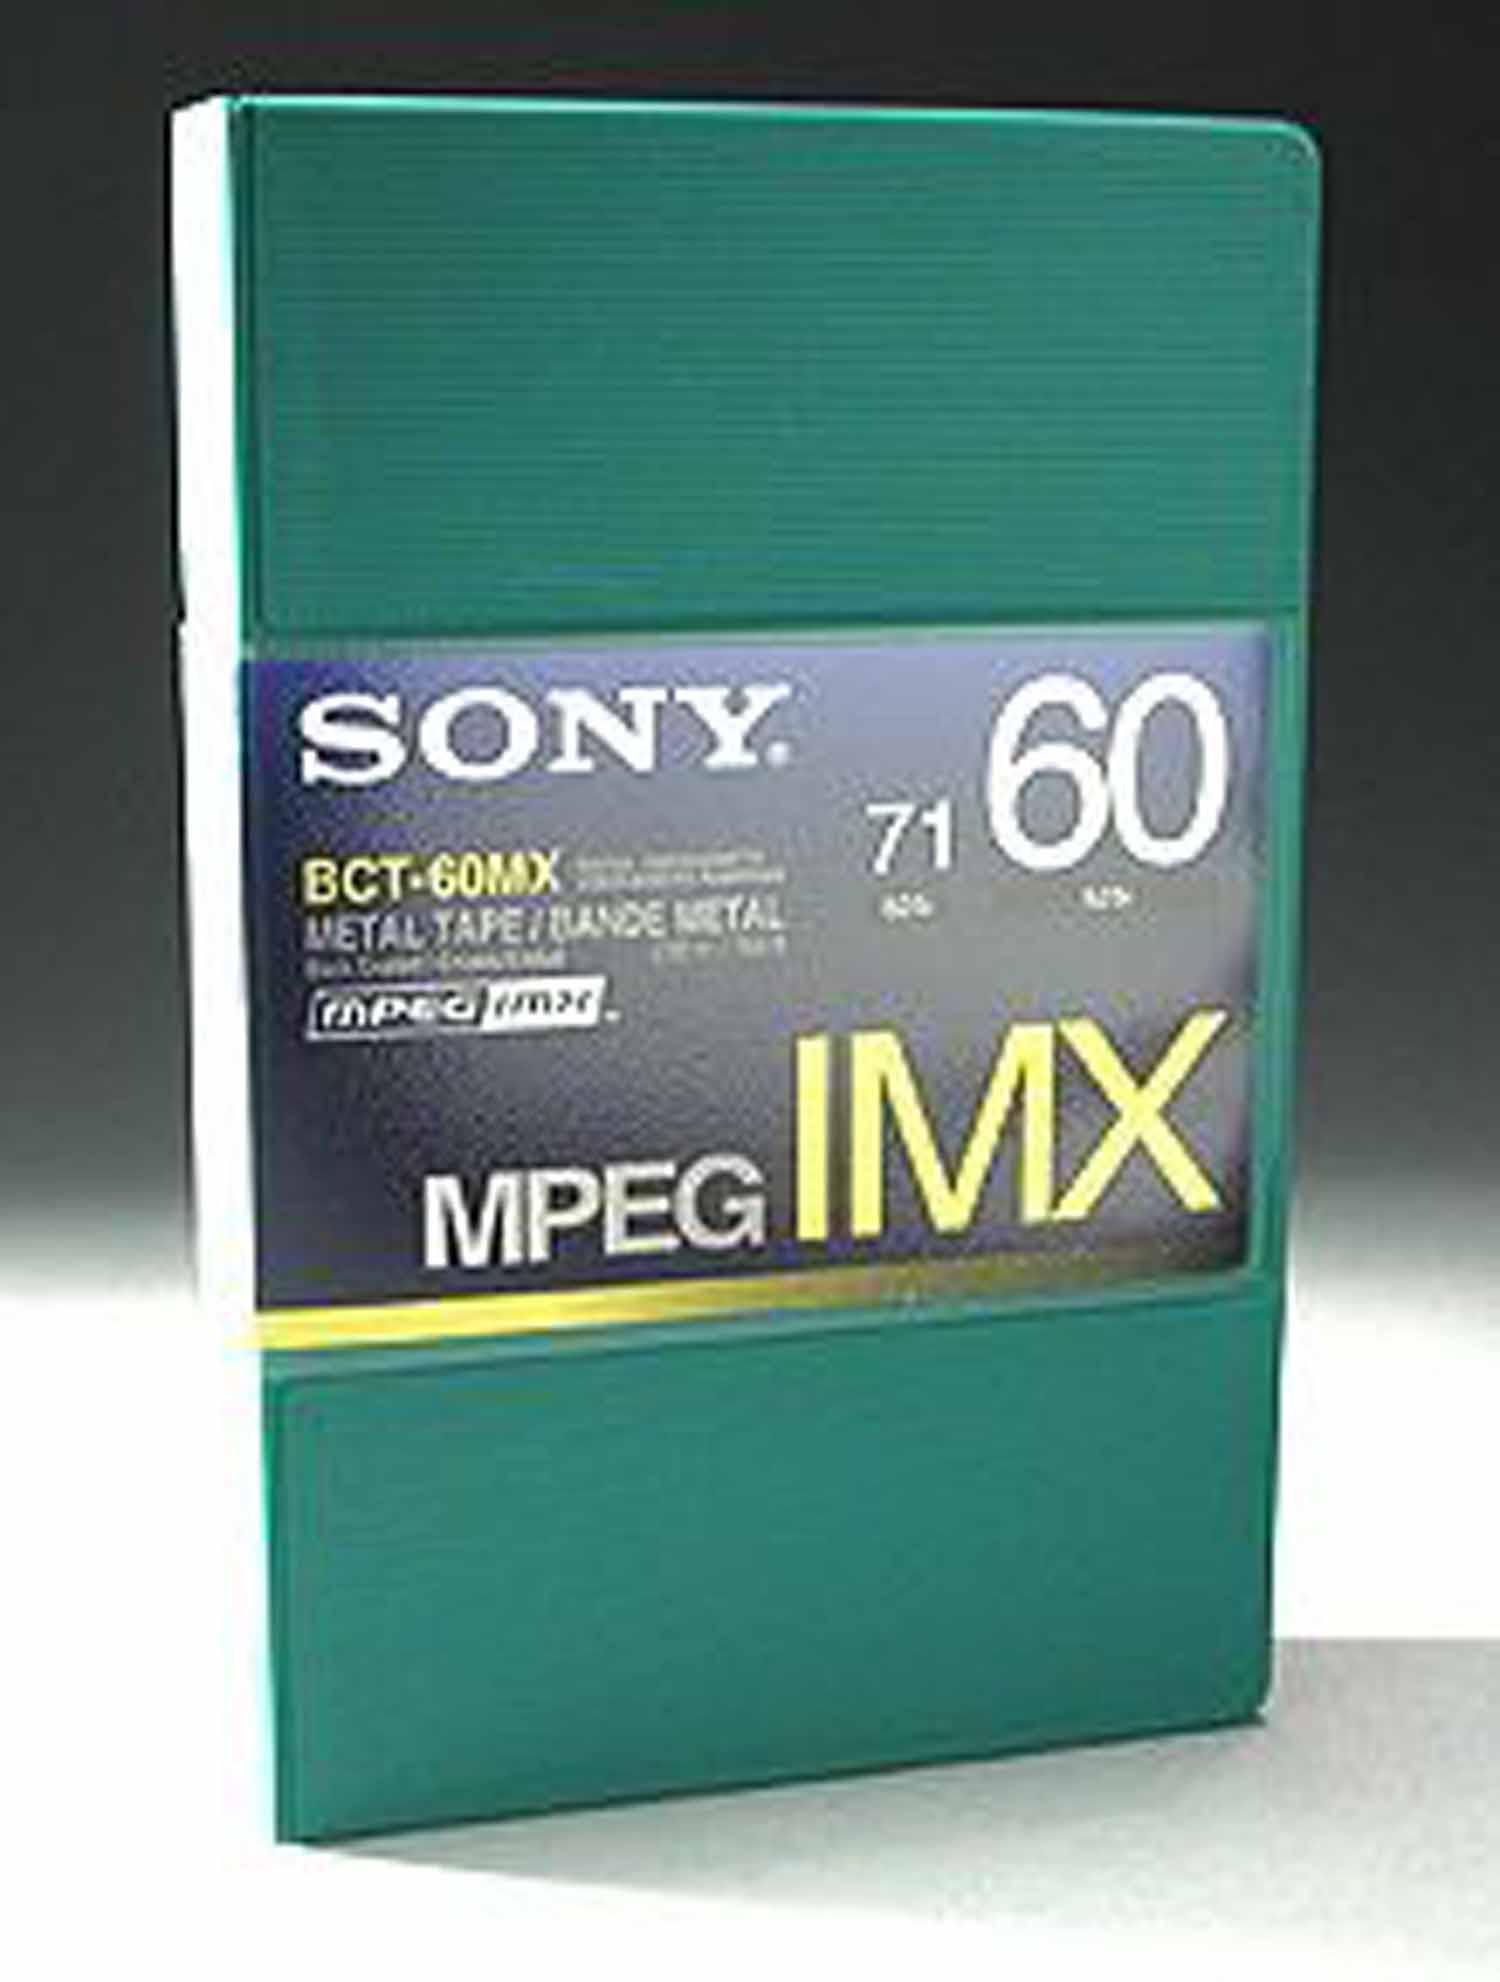 Betacam MPEG IMX